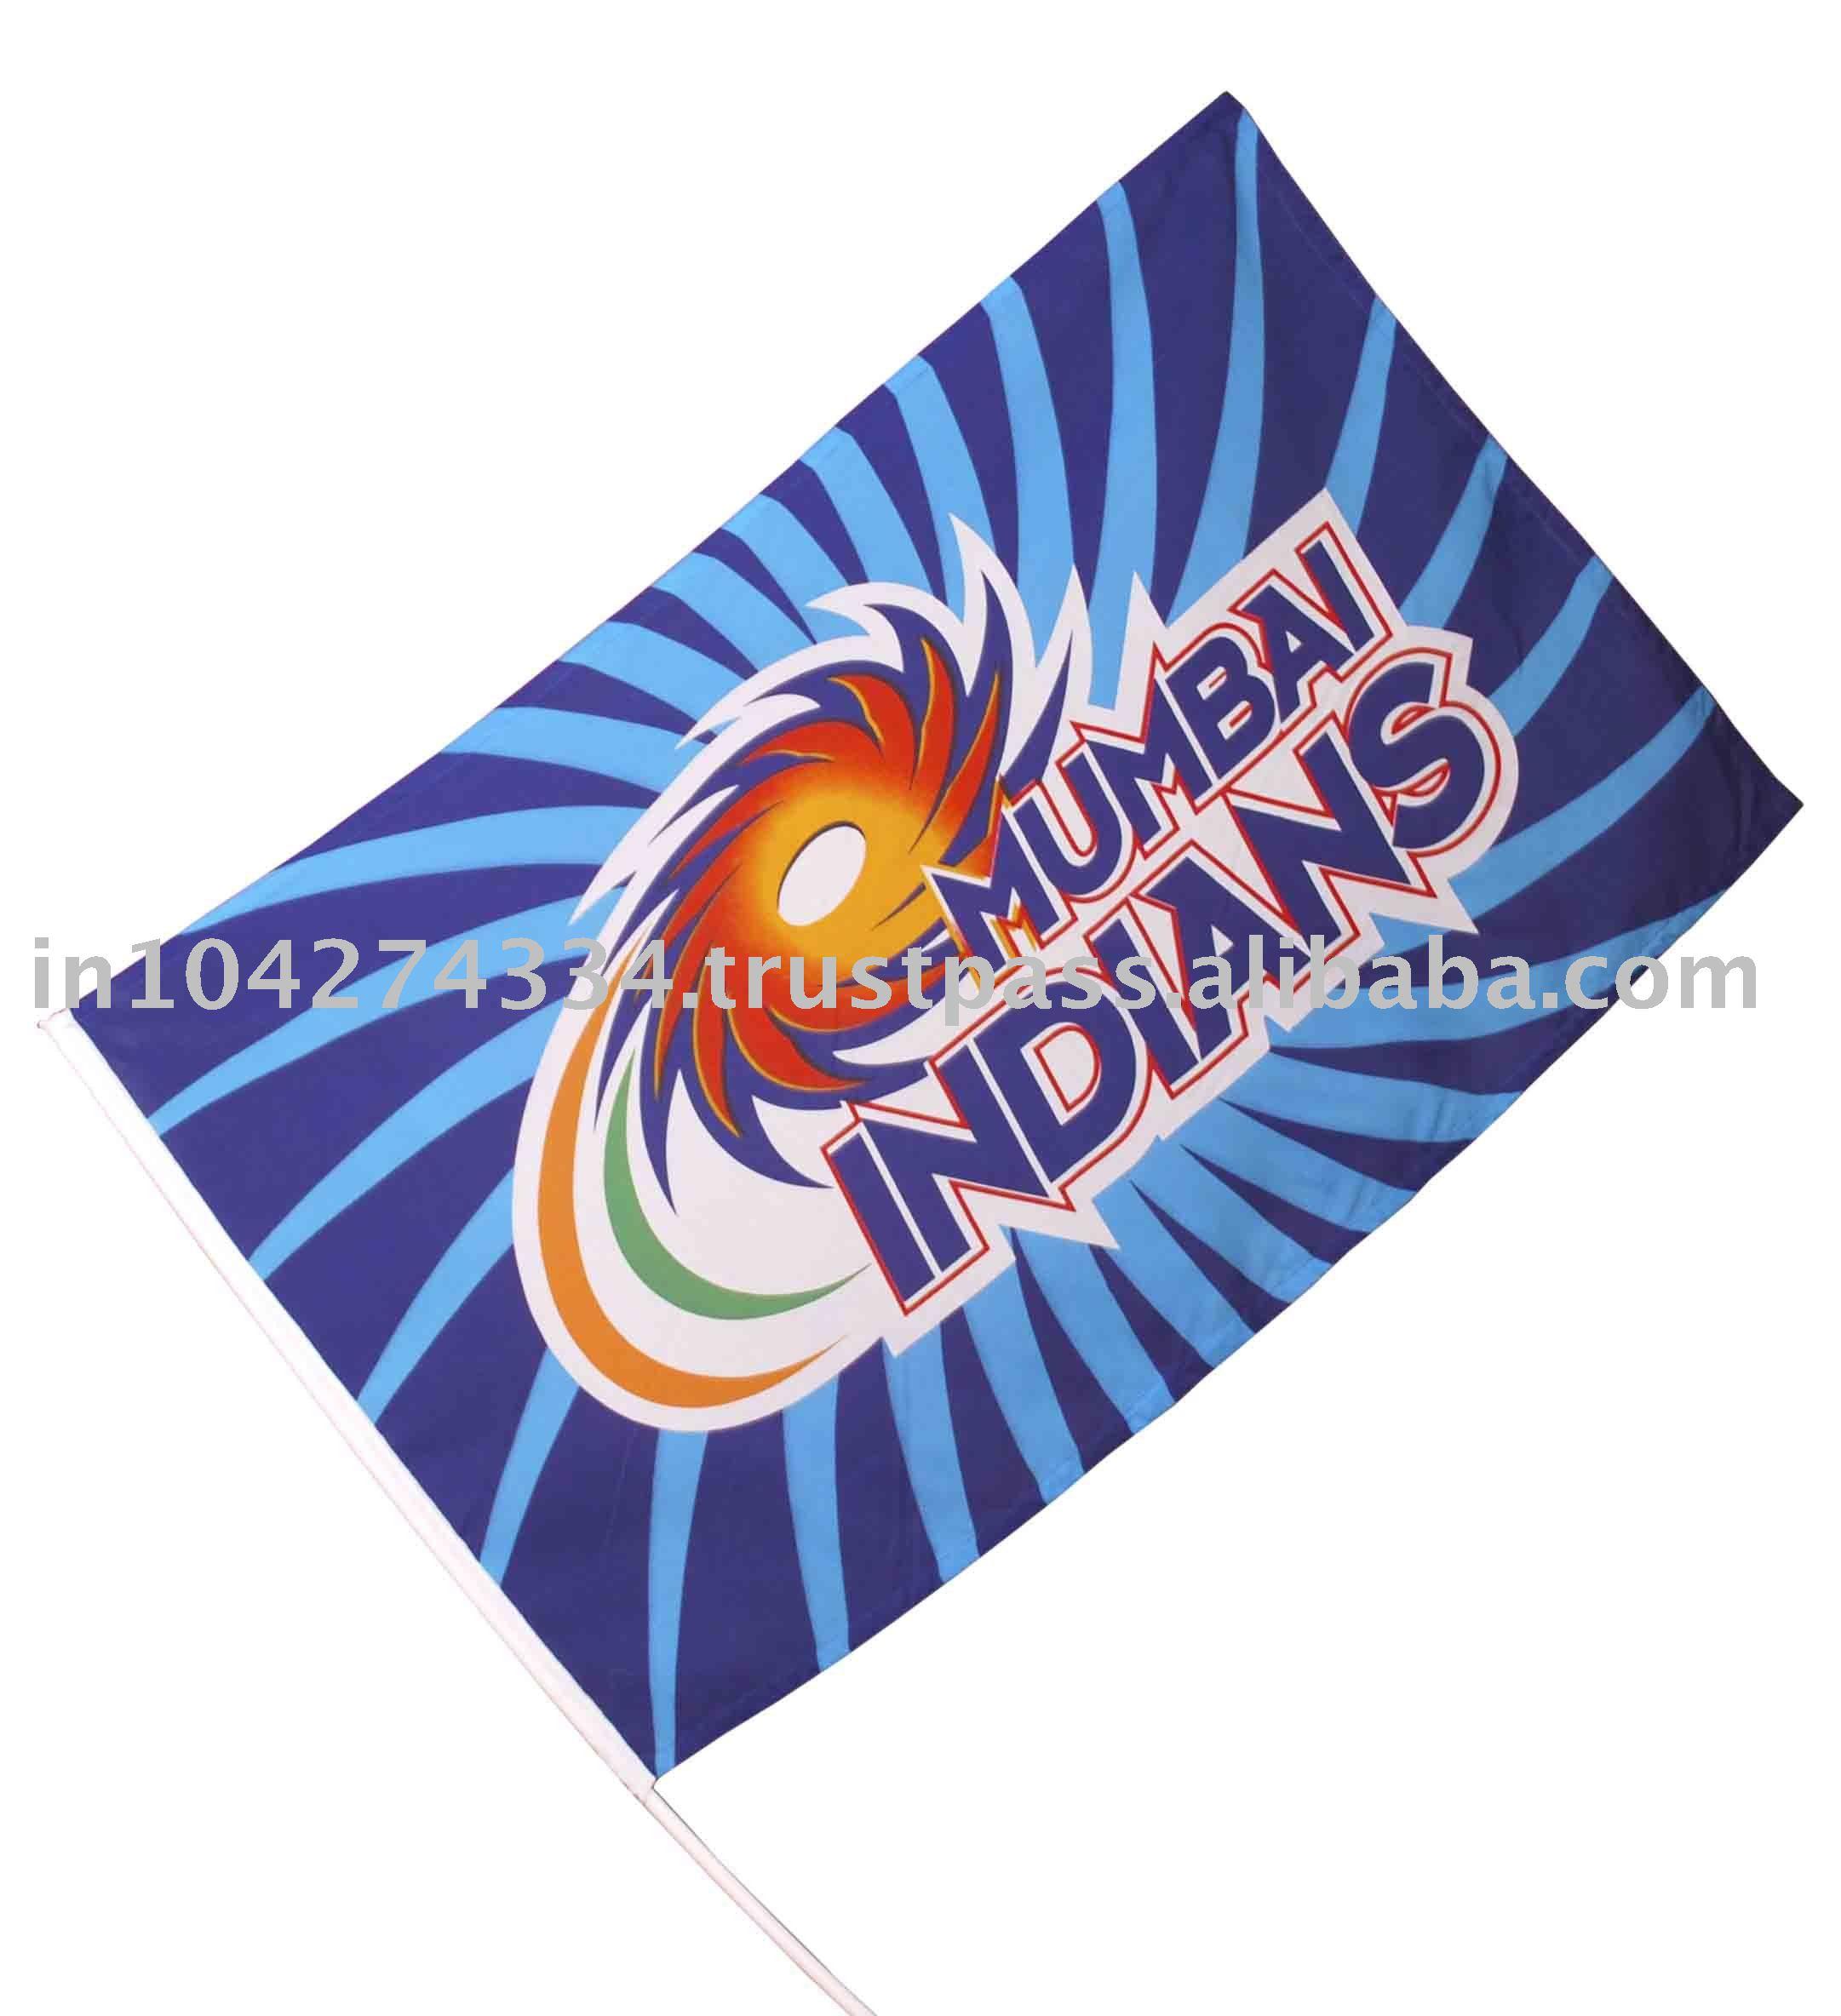 MUMBAI INDIAN FLAG